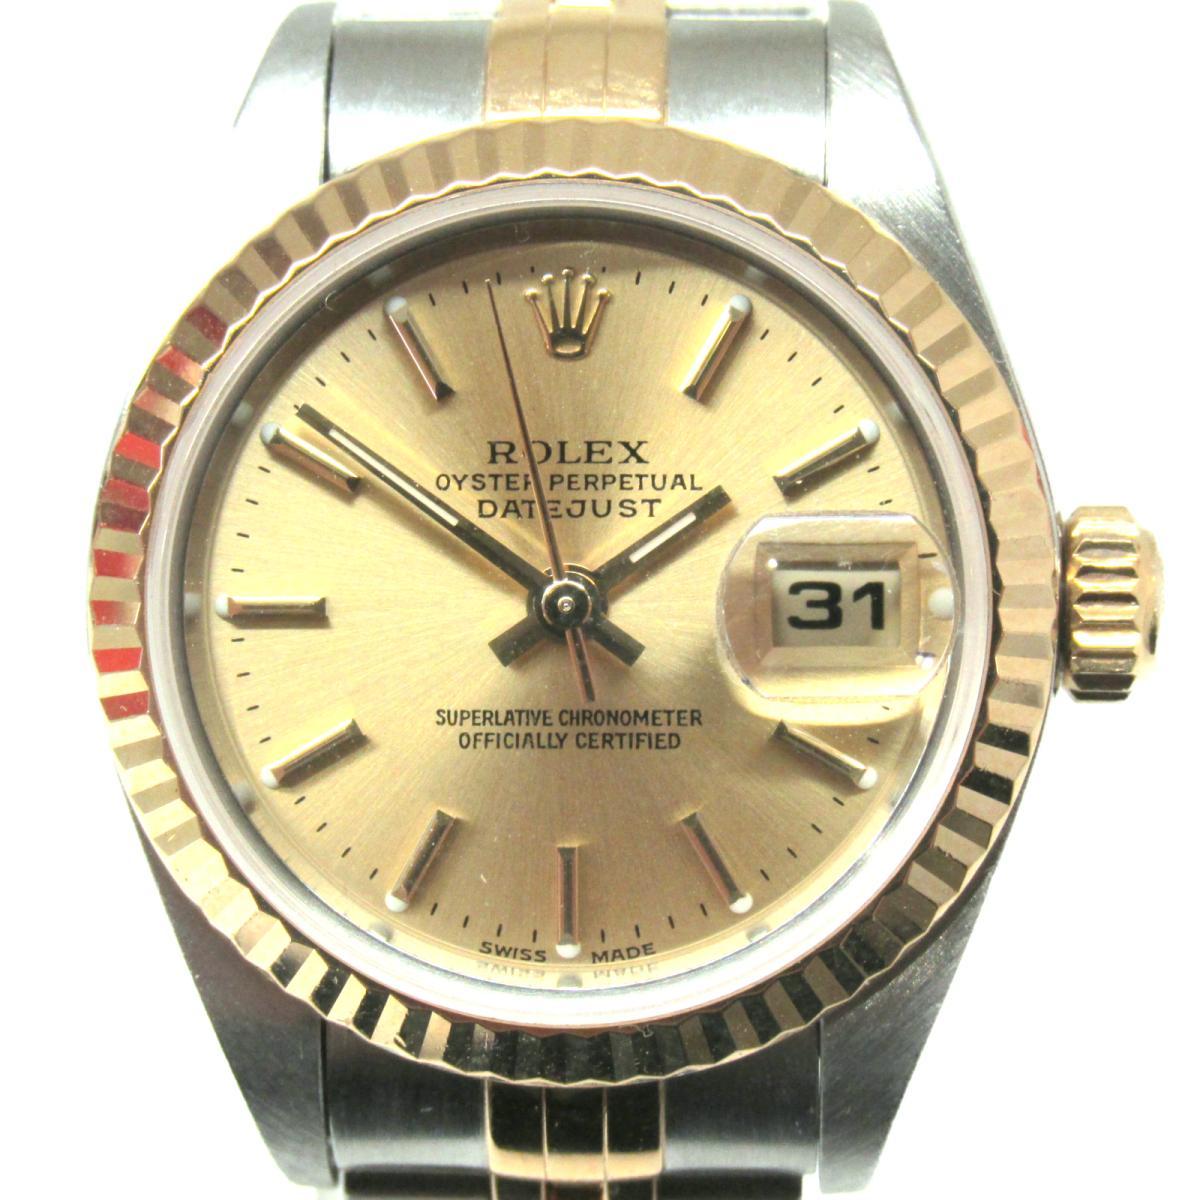 【中古】 ロレックス デイトジャスト 腕時計 ウォッチ レディース K18YG (750)イエローゴールド SS (79173)   ROLEX BRANDOFF ブランドオフ メンズ ブランド ブランド時計 ブランド腕時計 時計